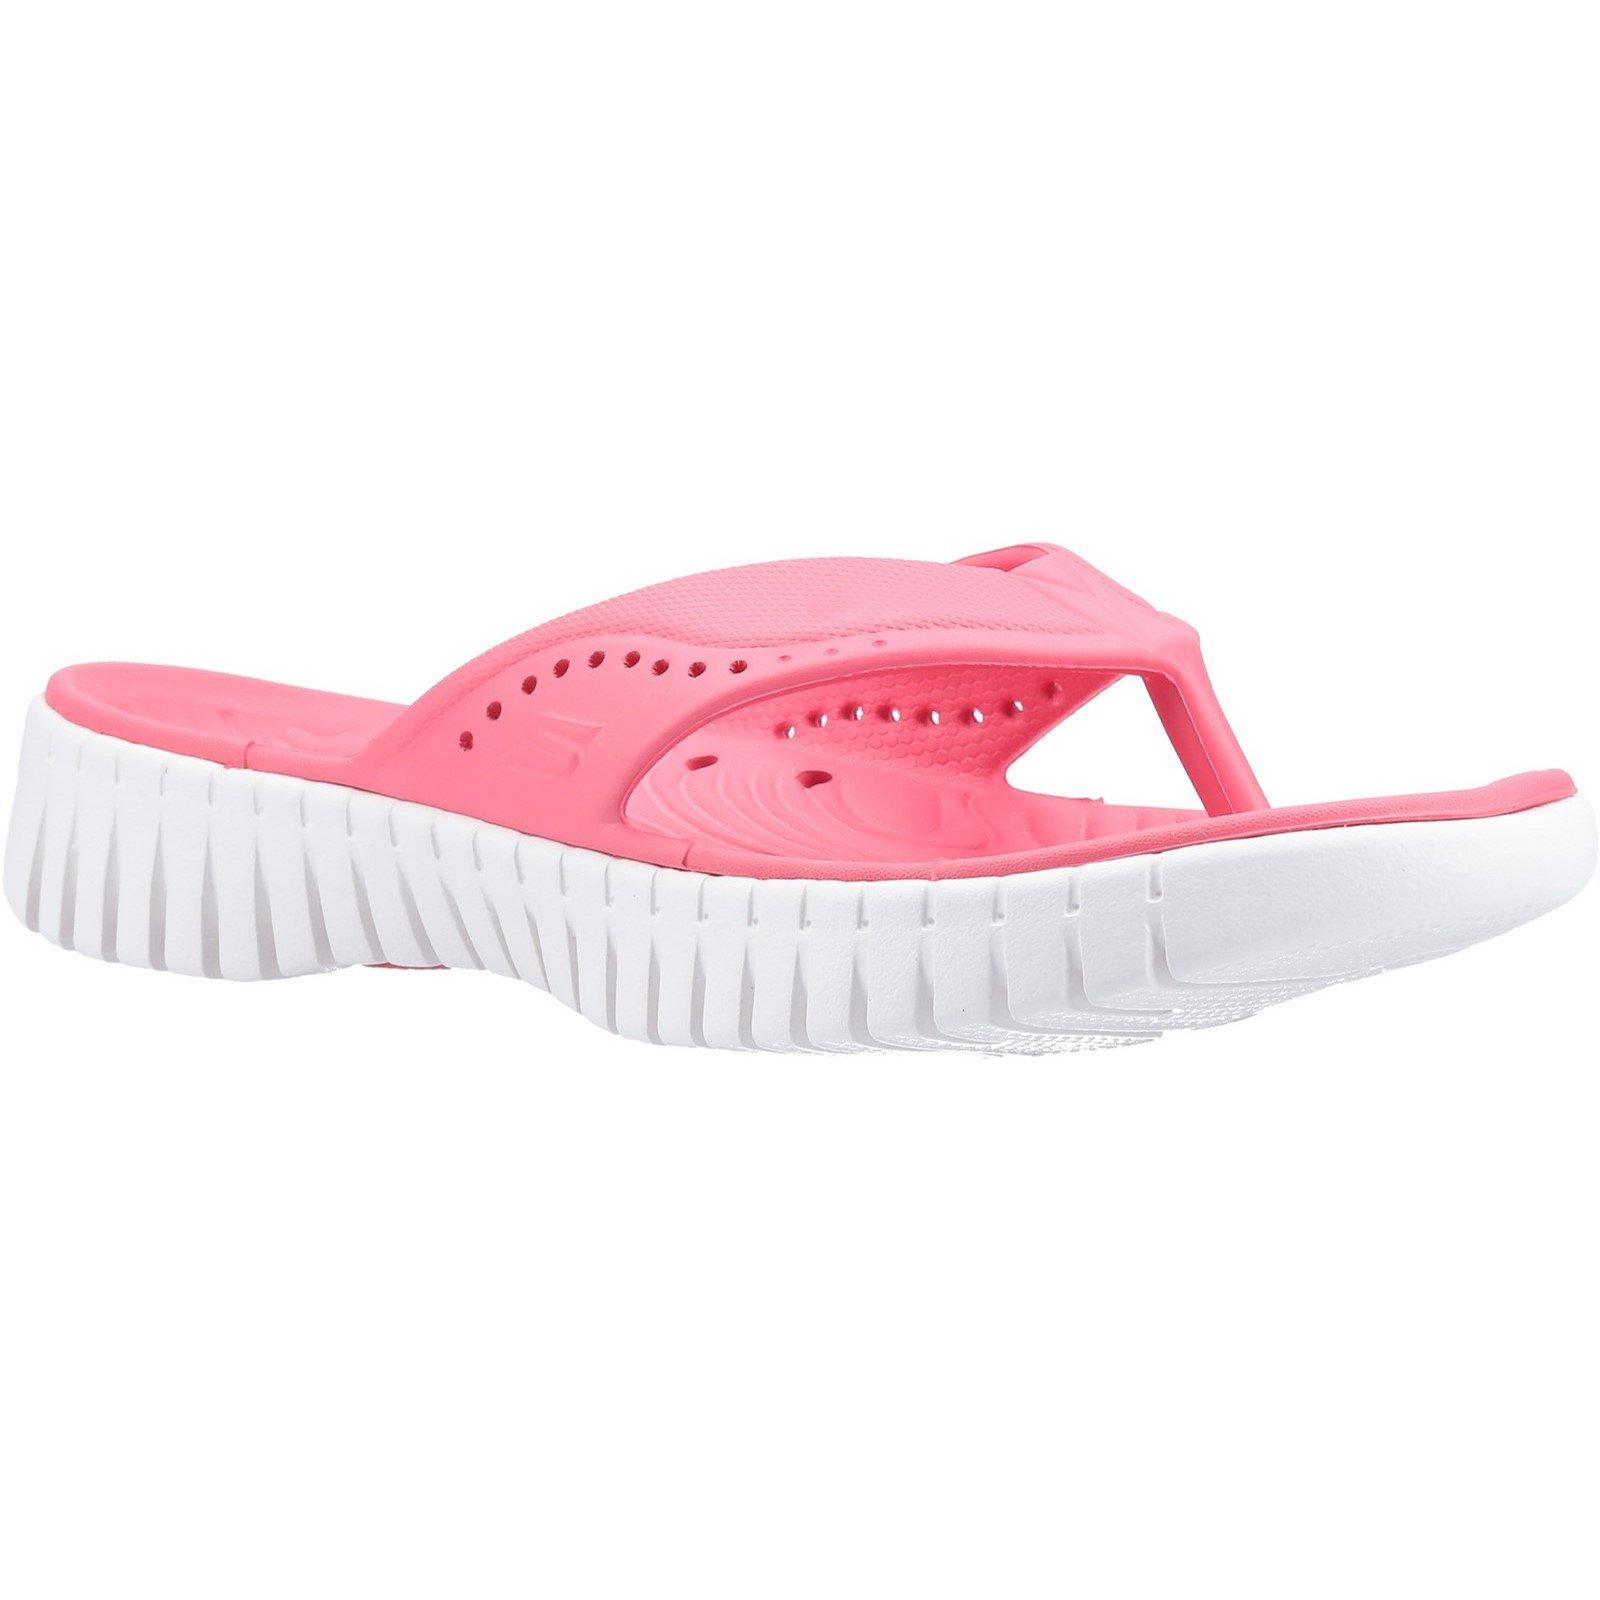 Skechers Women's GOwalk Smart Mahalo Sandal Various Colours 32371 - Coral 2